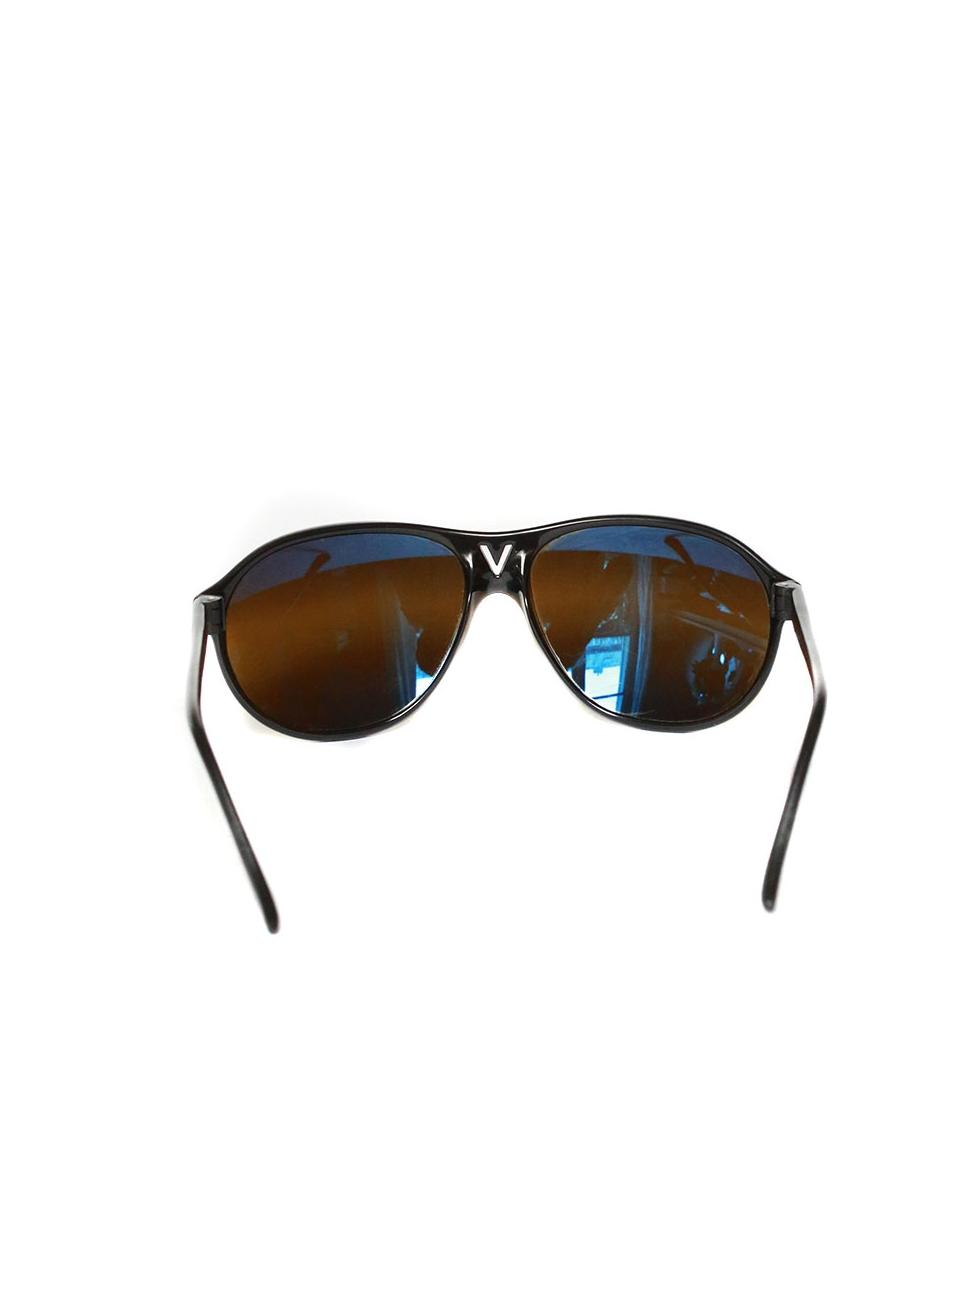 a9ed3ca11f8e Louise Paris - VINTAGE VUARNET 085 Pouilloux black sunglasses Retail price  €150